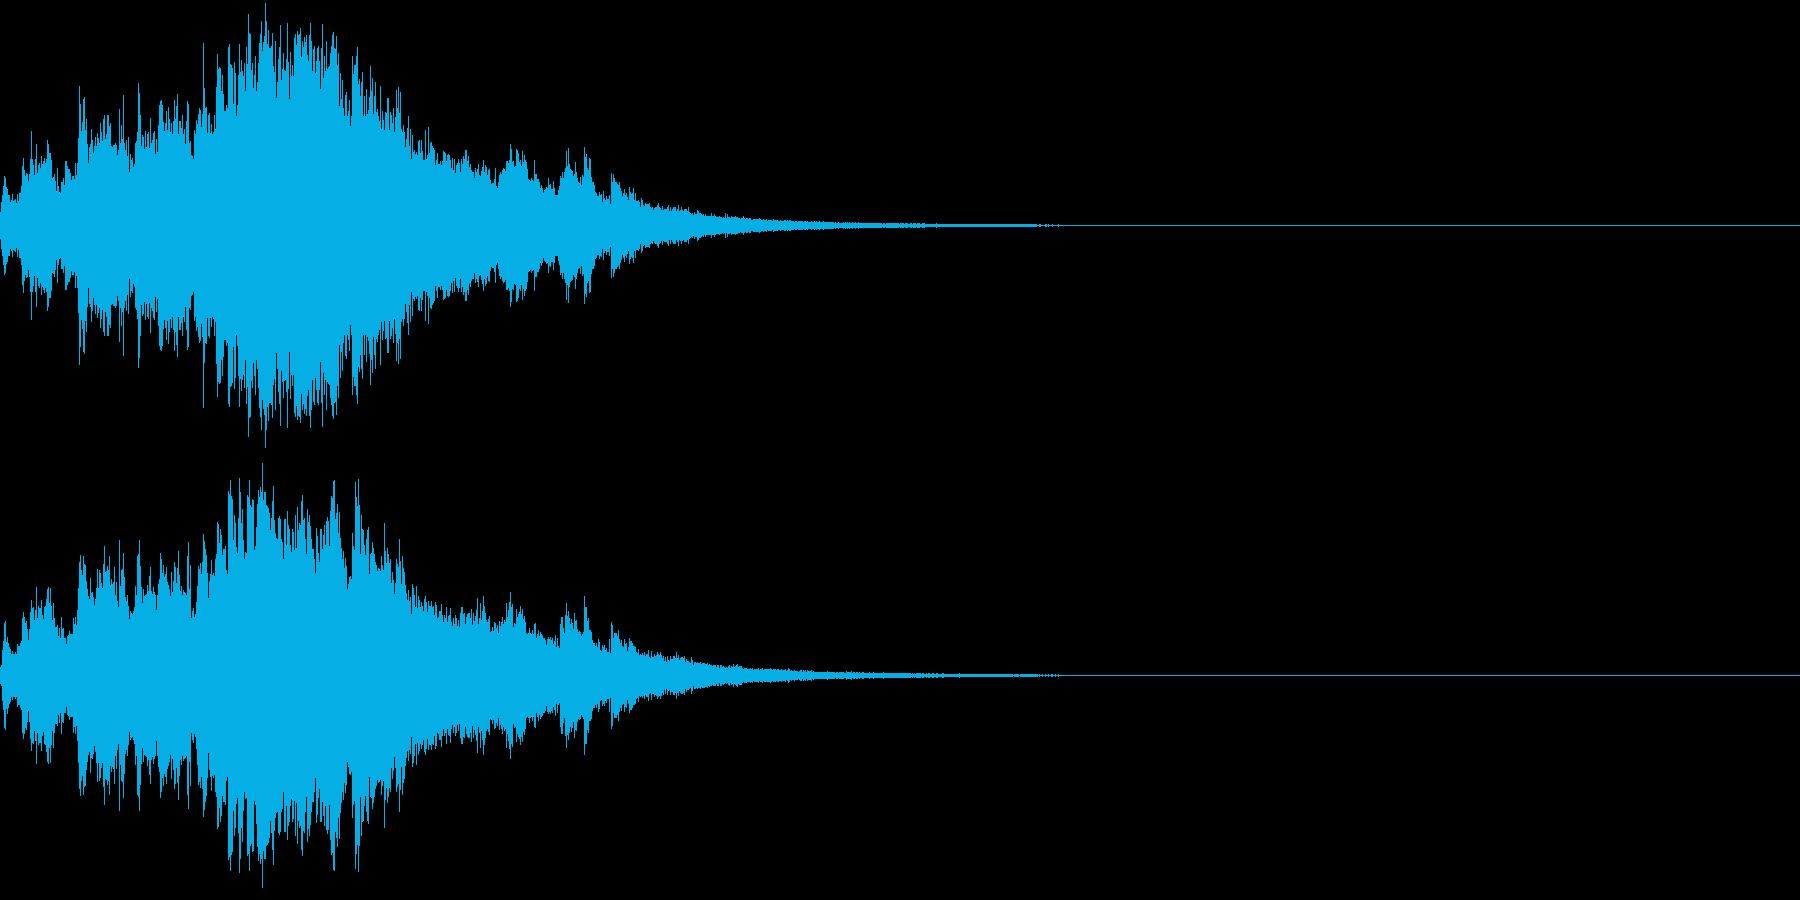 クリスマス ジングルベル キラキラ 08の再生済みの波形